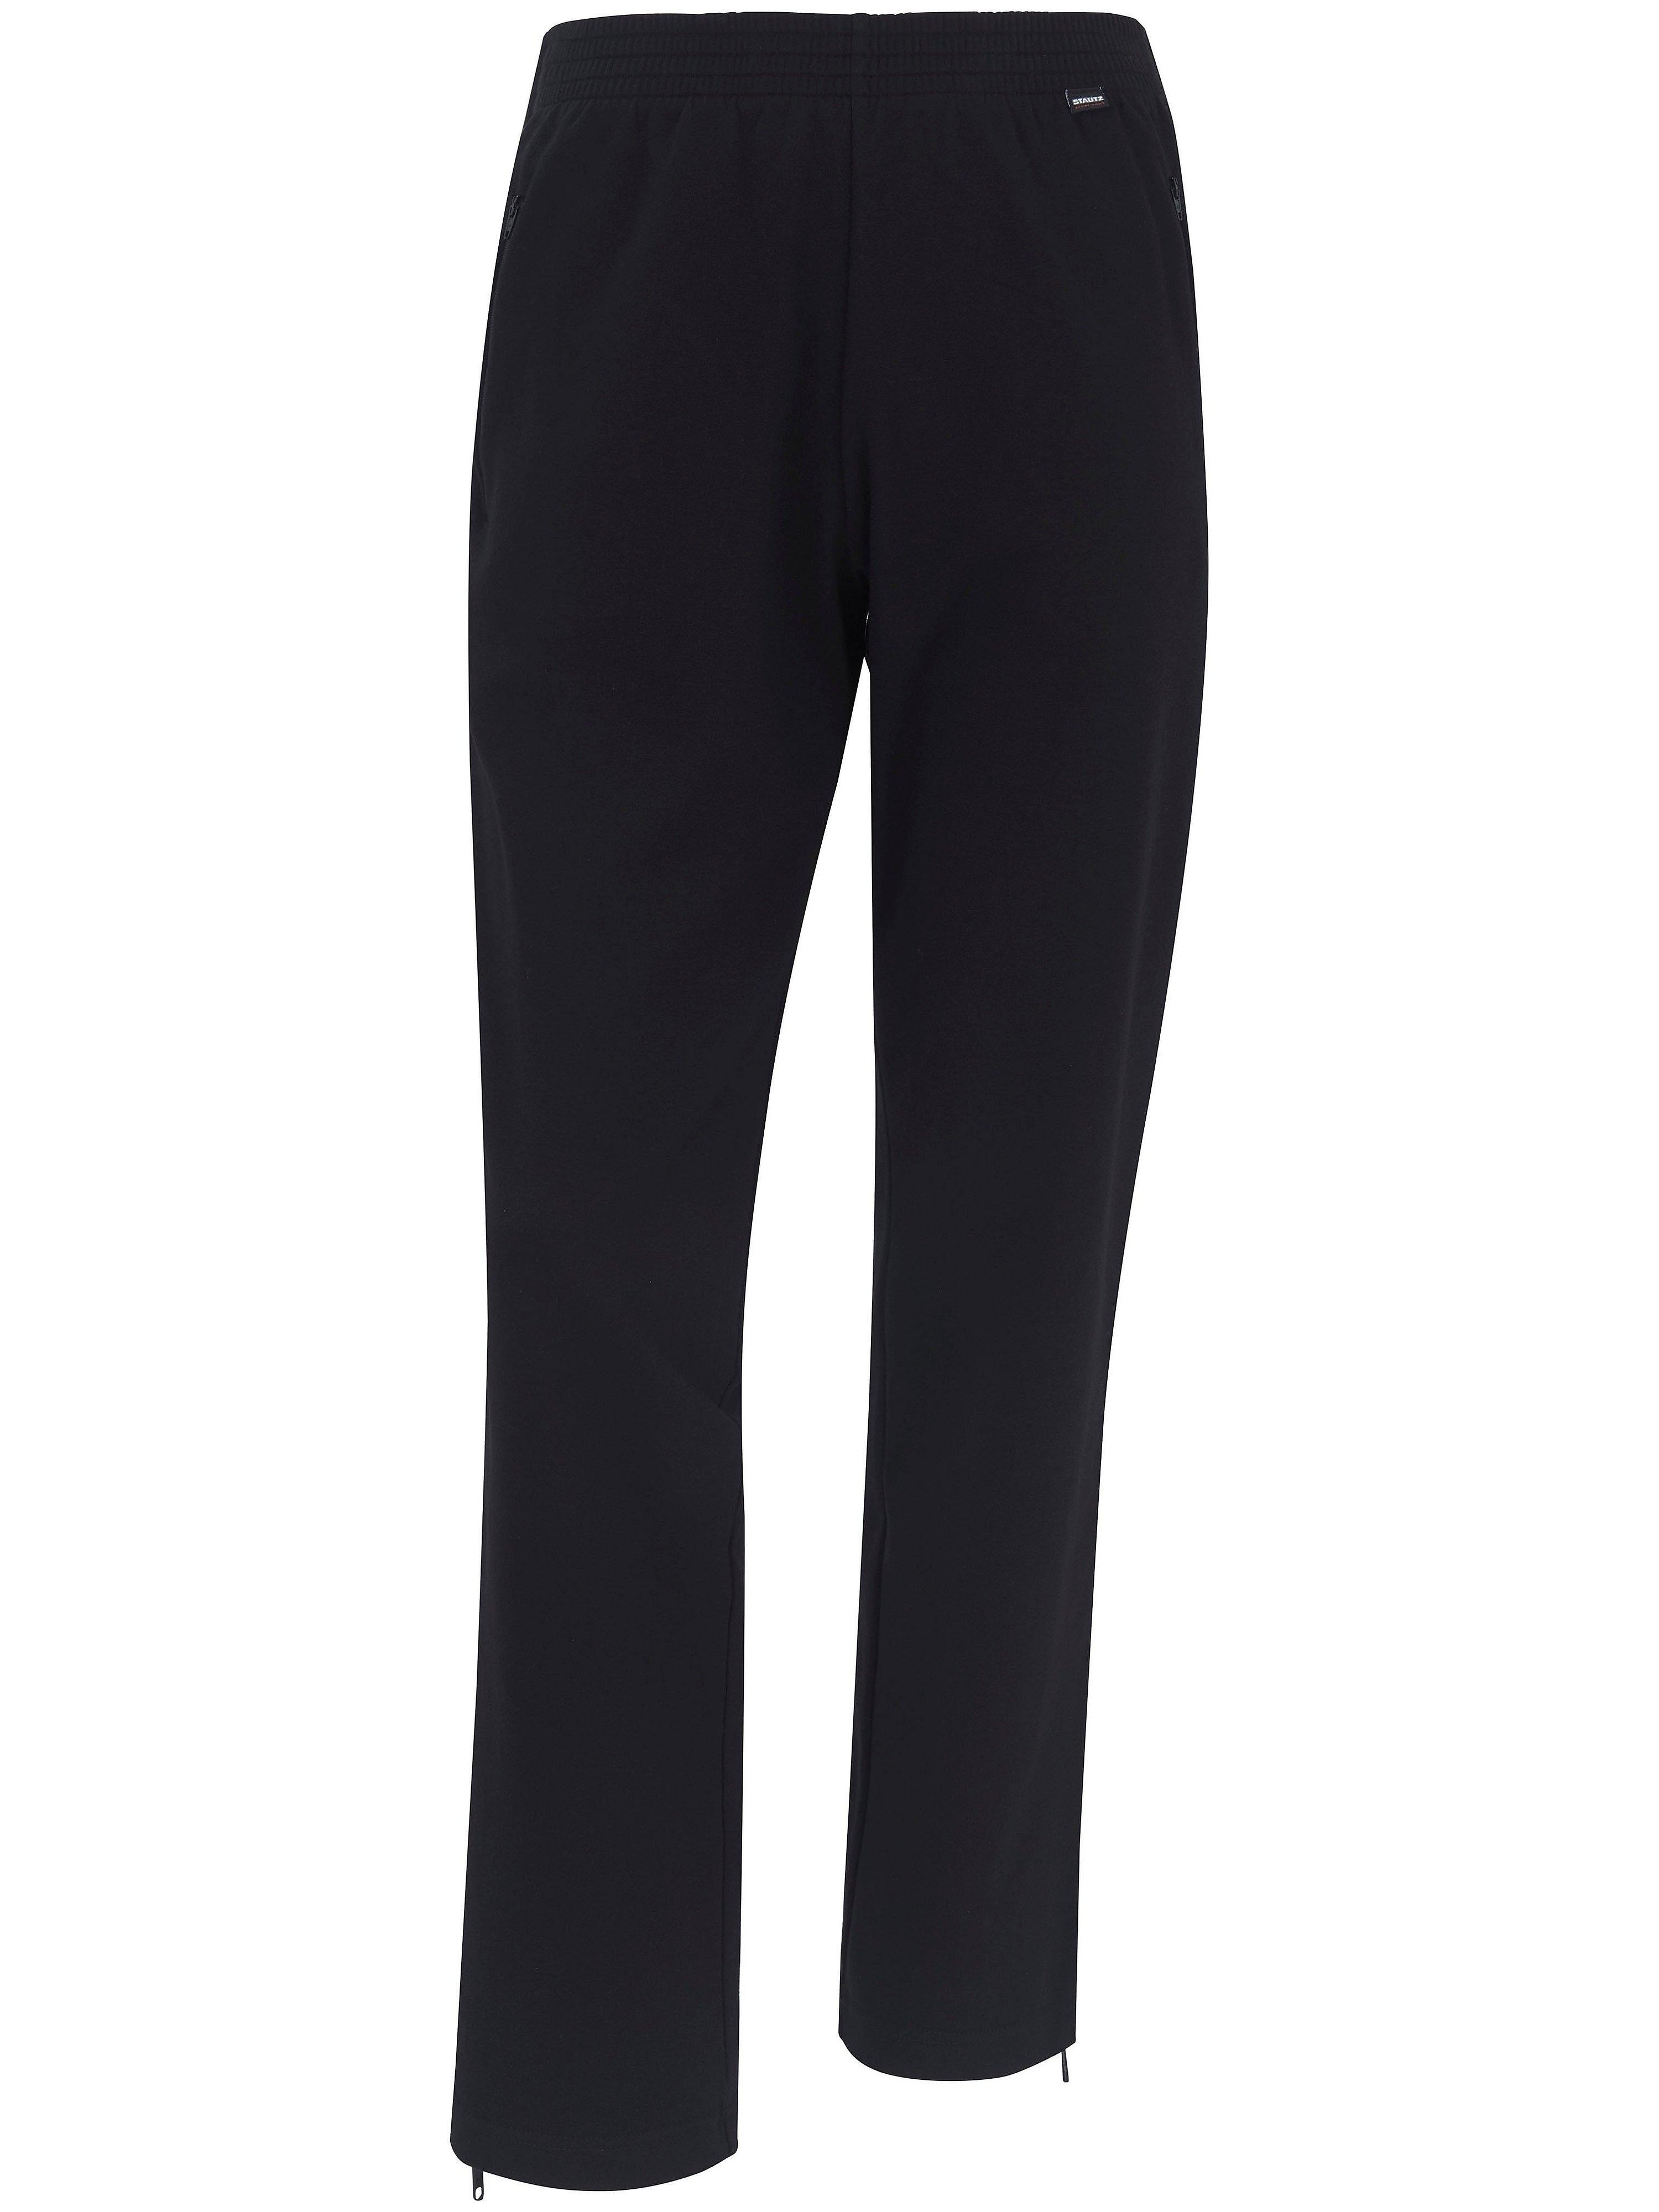 Le pantalon spécial rééducation  Stautz noir taille 56